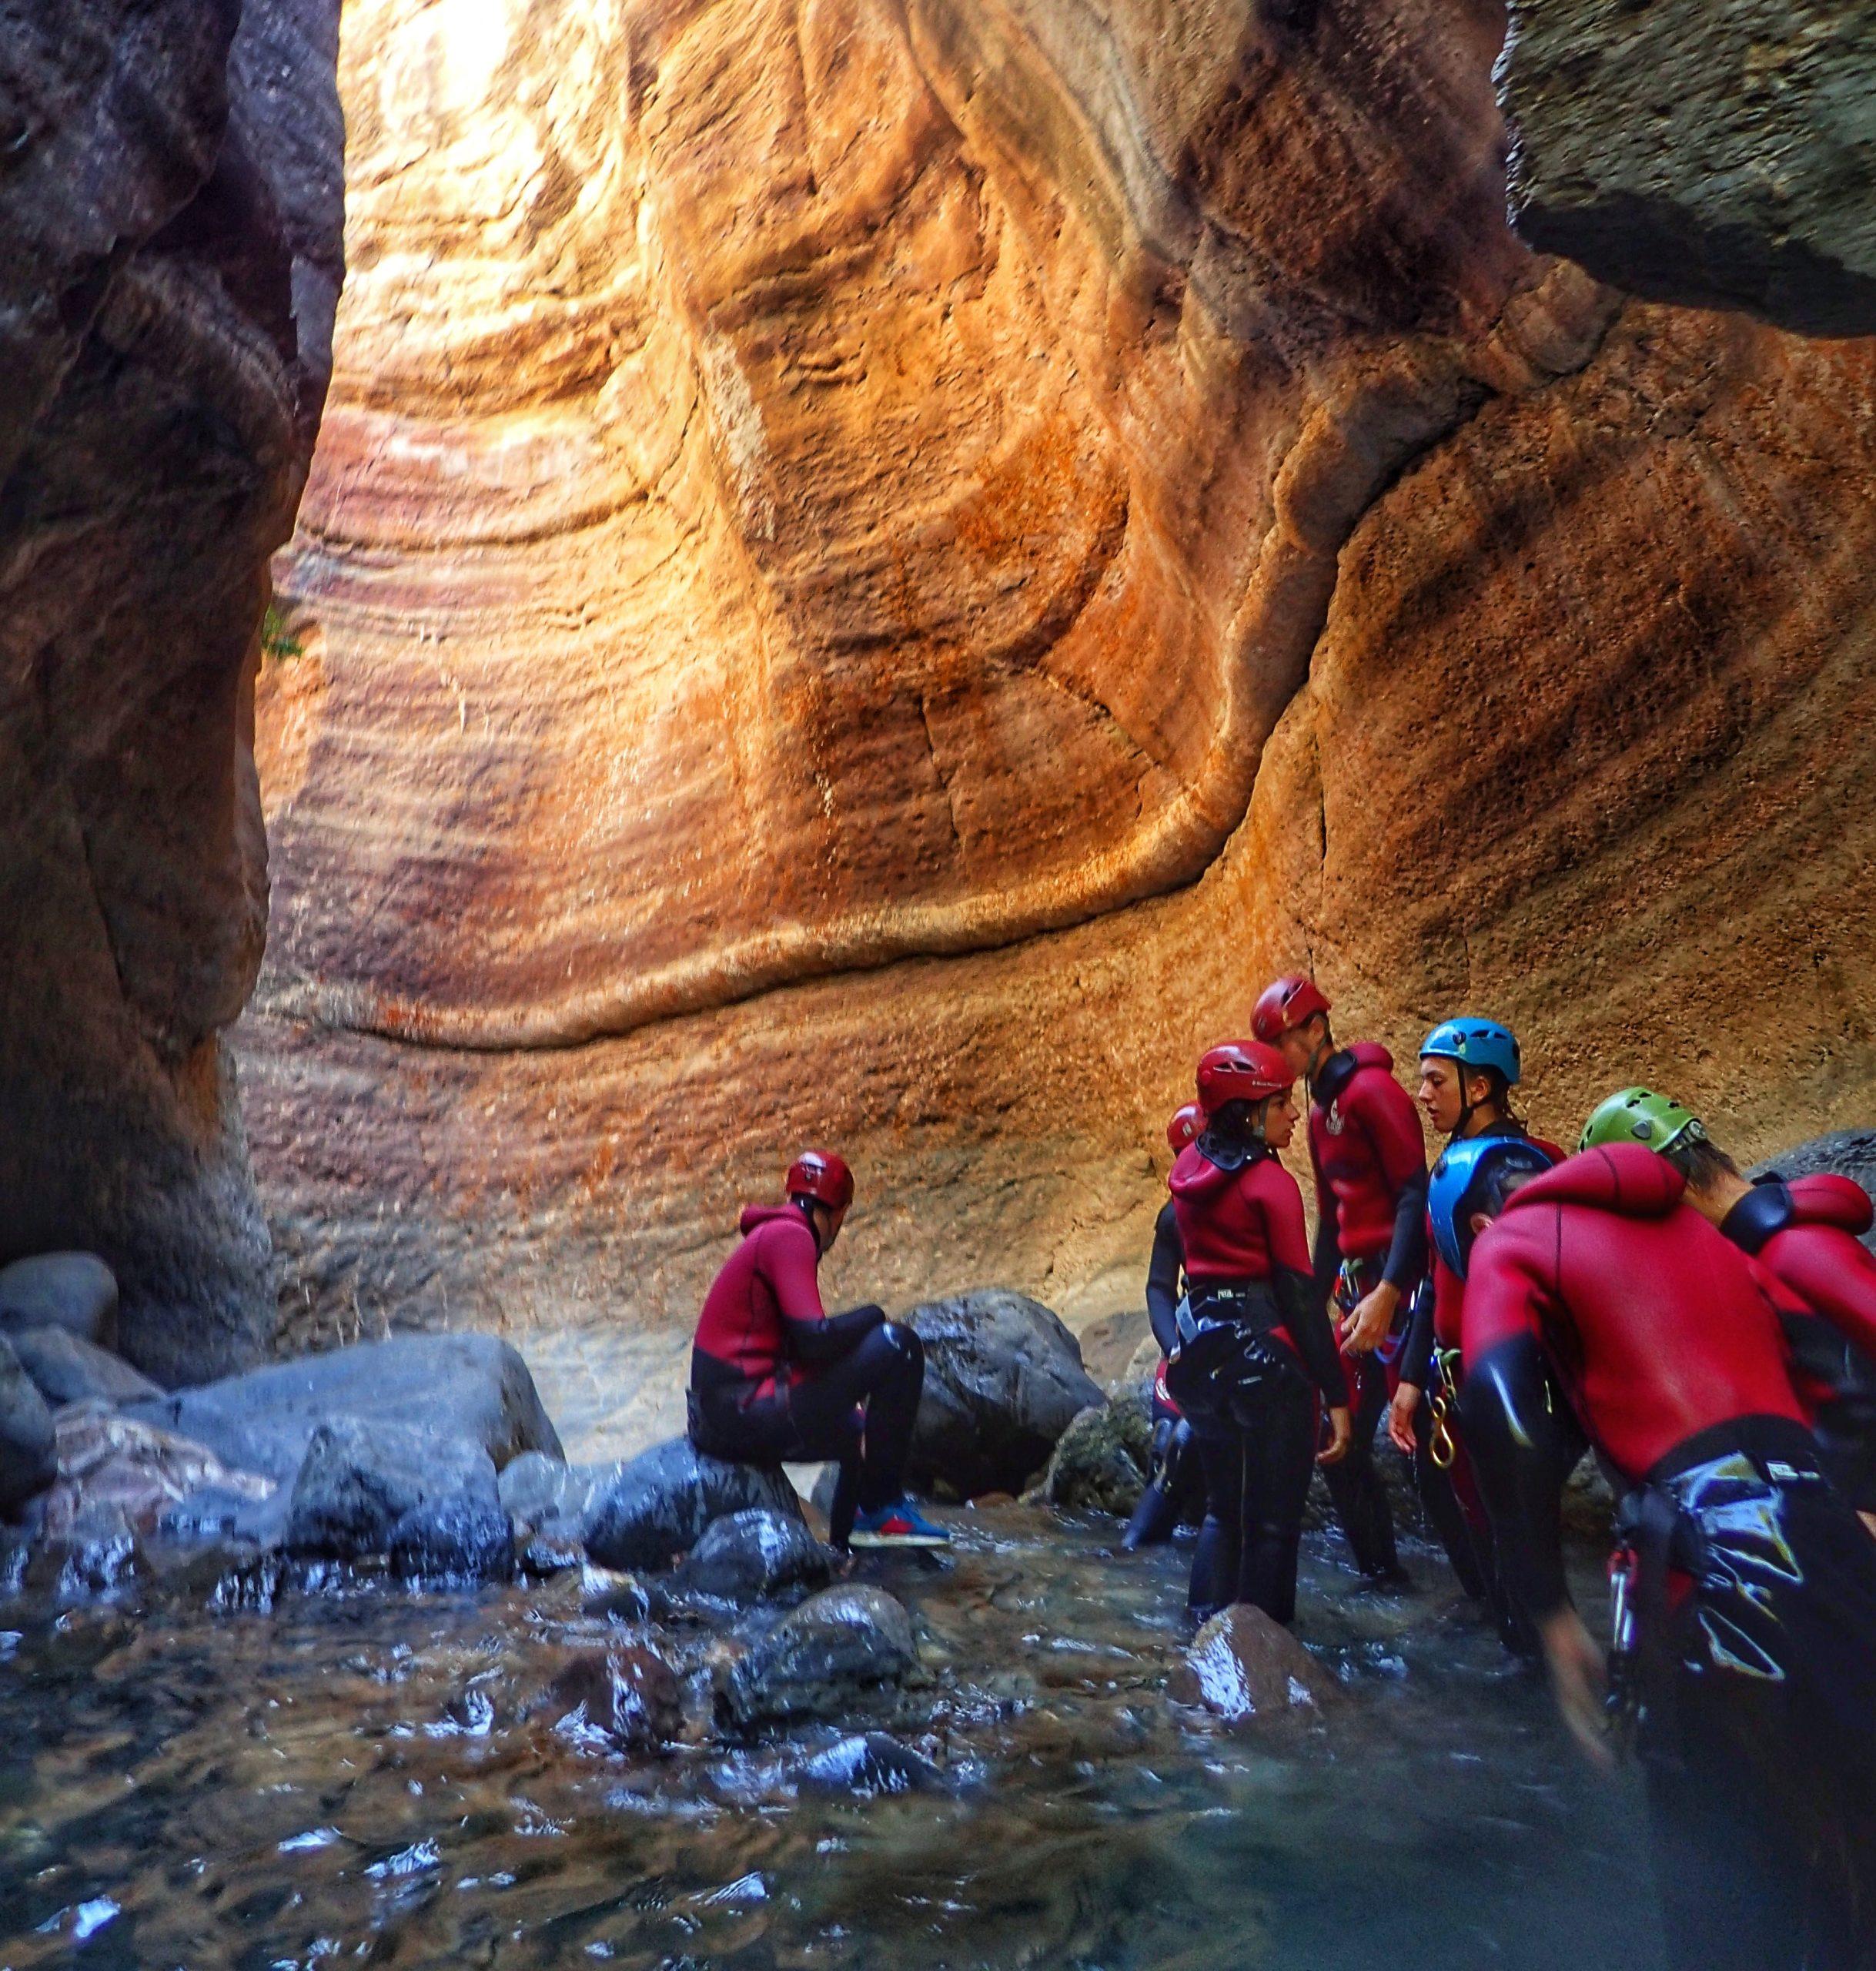 canyoning-pyrenees-sejour-canyon-sur-mesure-espagne-eauxlivecanyon-sierra-de-guara-mont-perdu-découverte